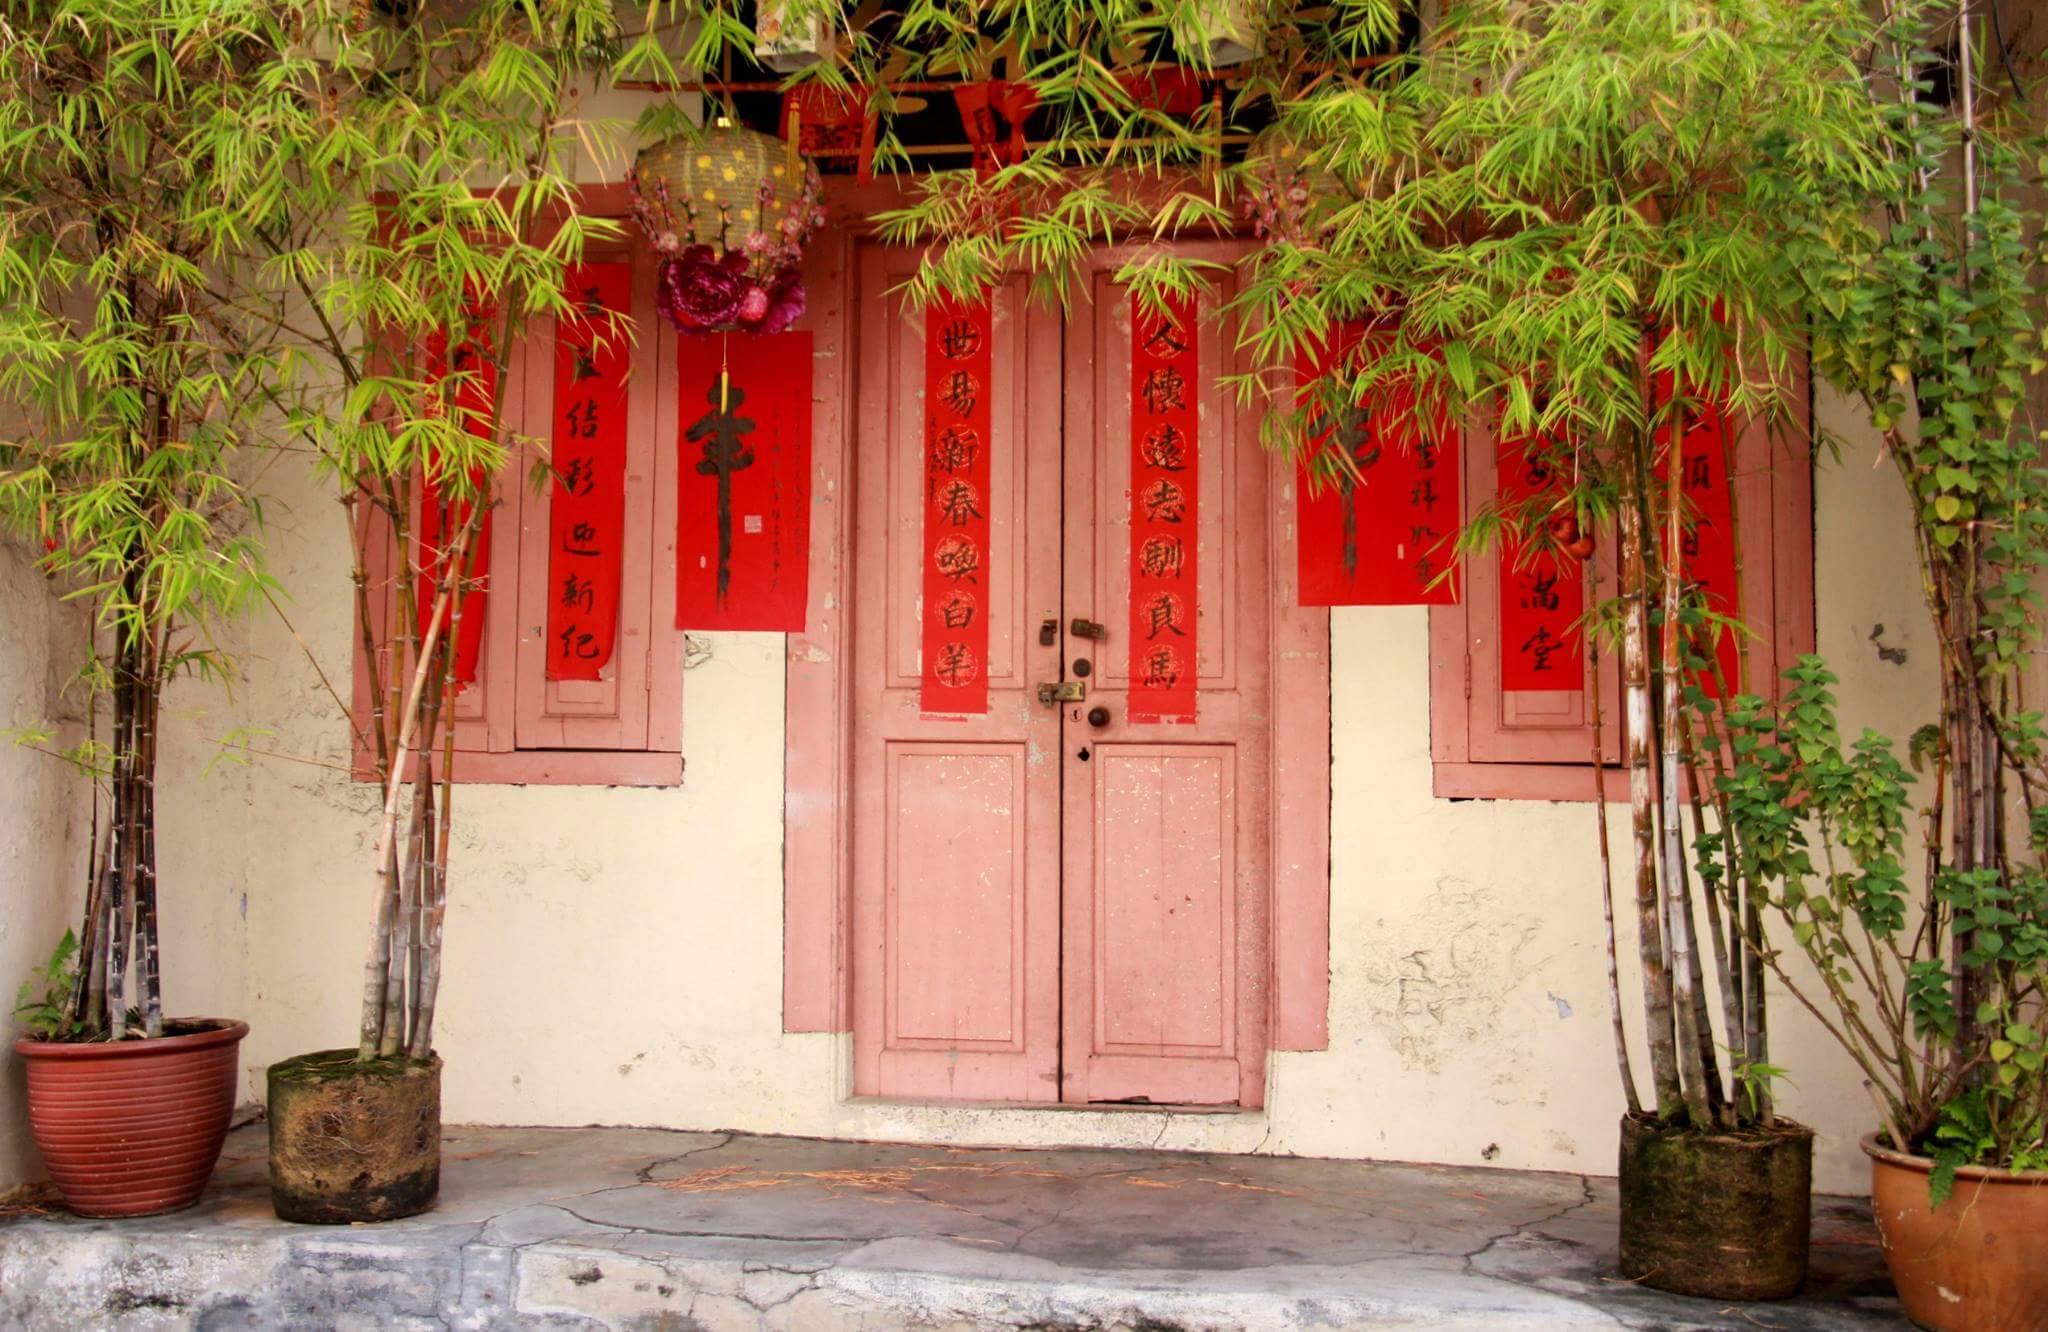 #Malaysia #Melaka #Peranakantiles